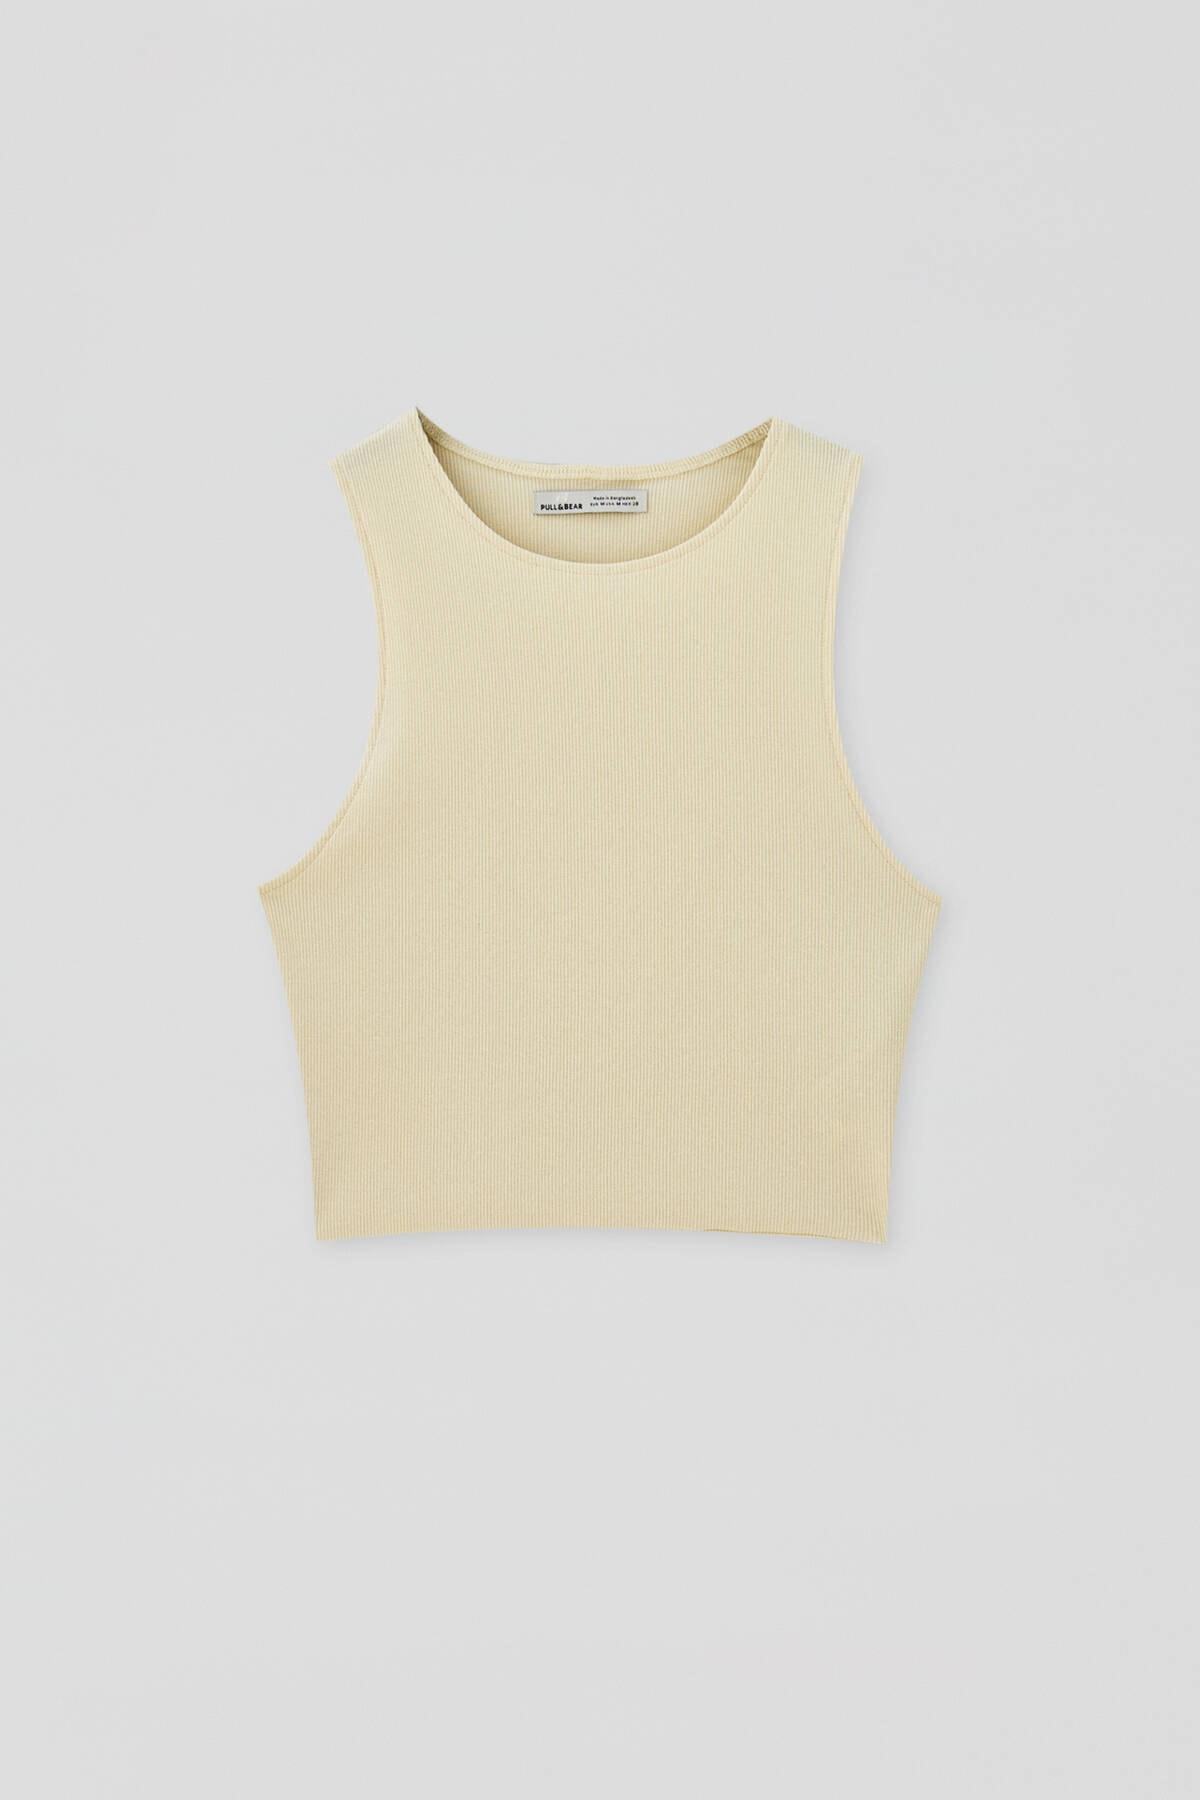 Pull & Bear Kadın Açık Sarı Kolsuz Fitilli Top 04240362 4